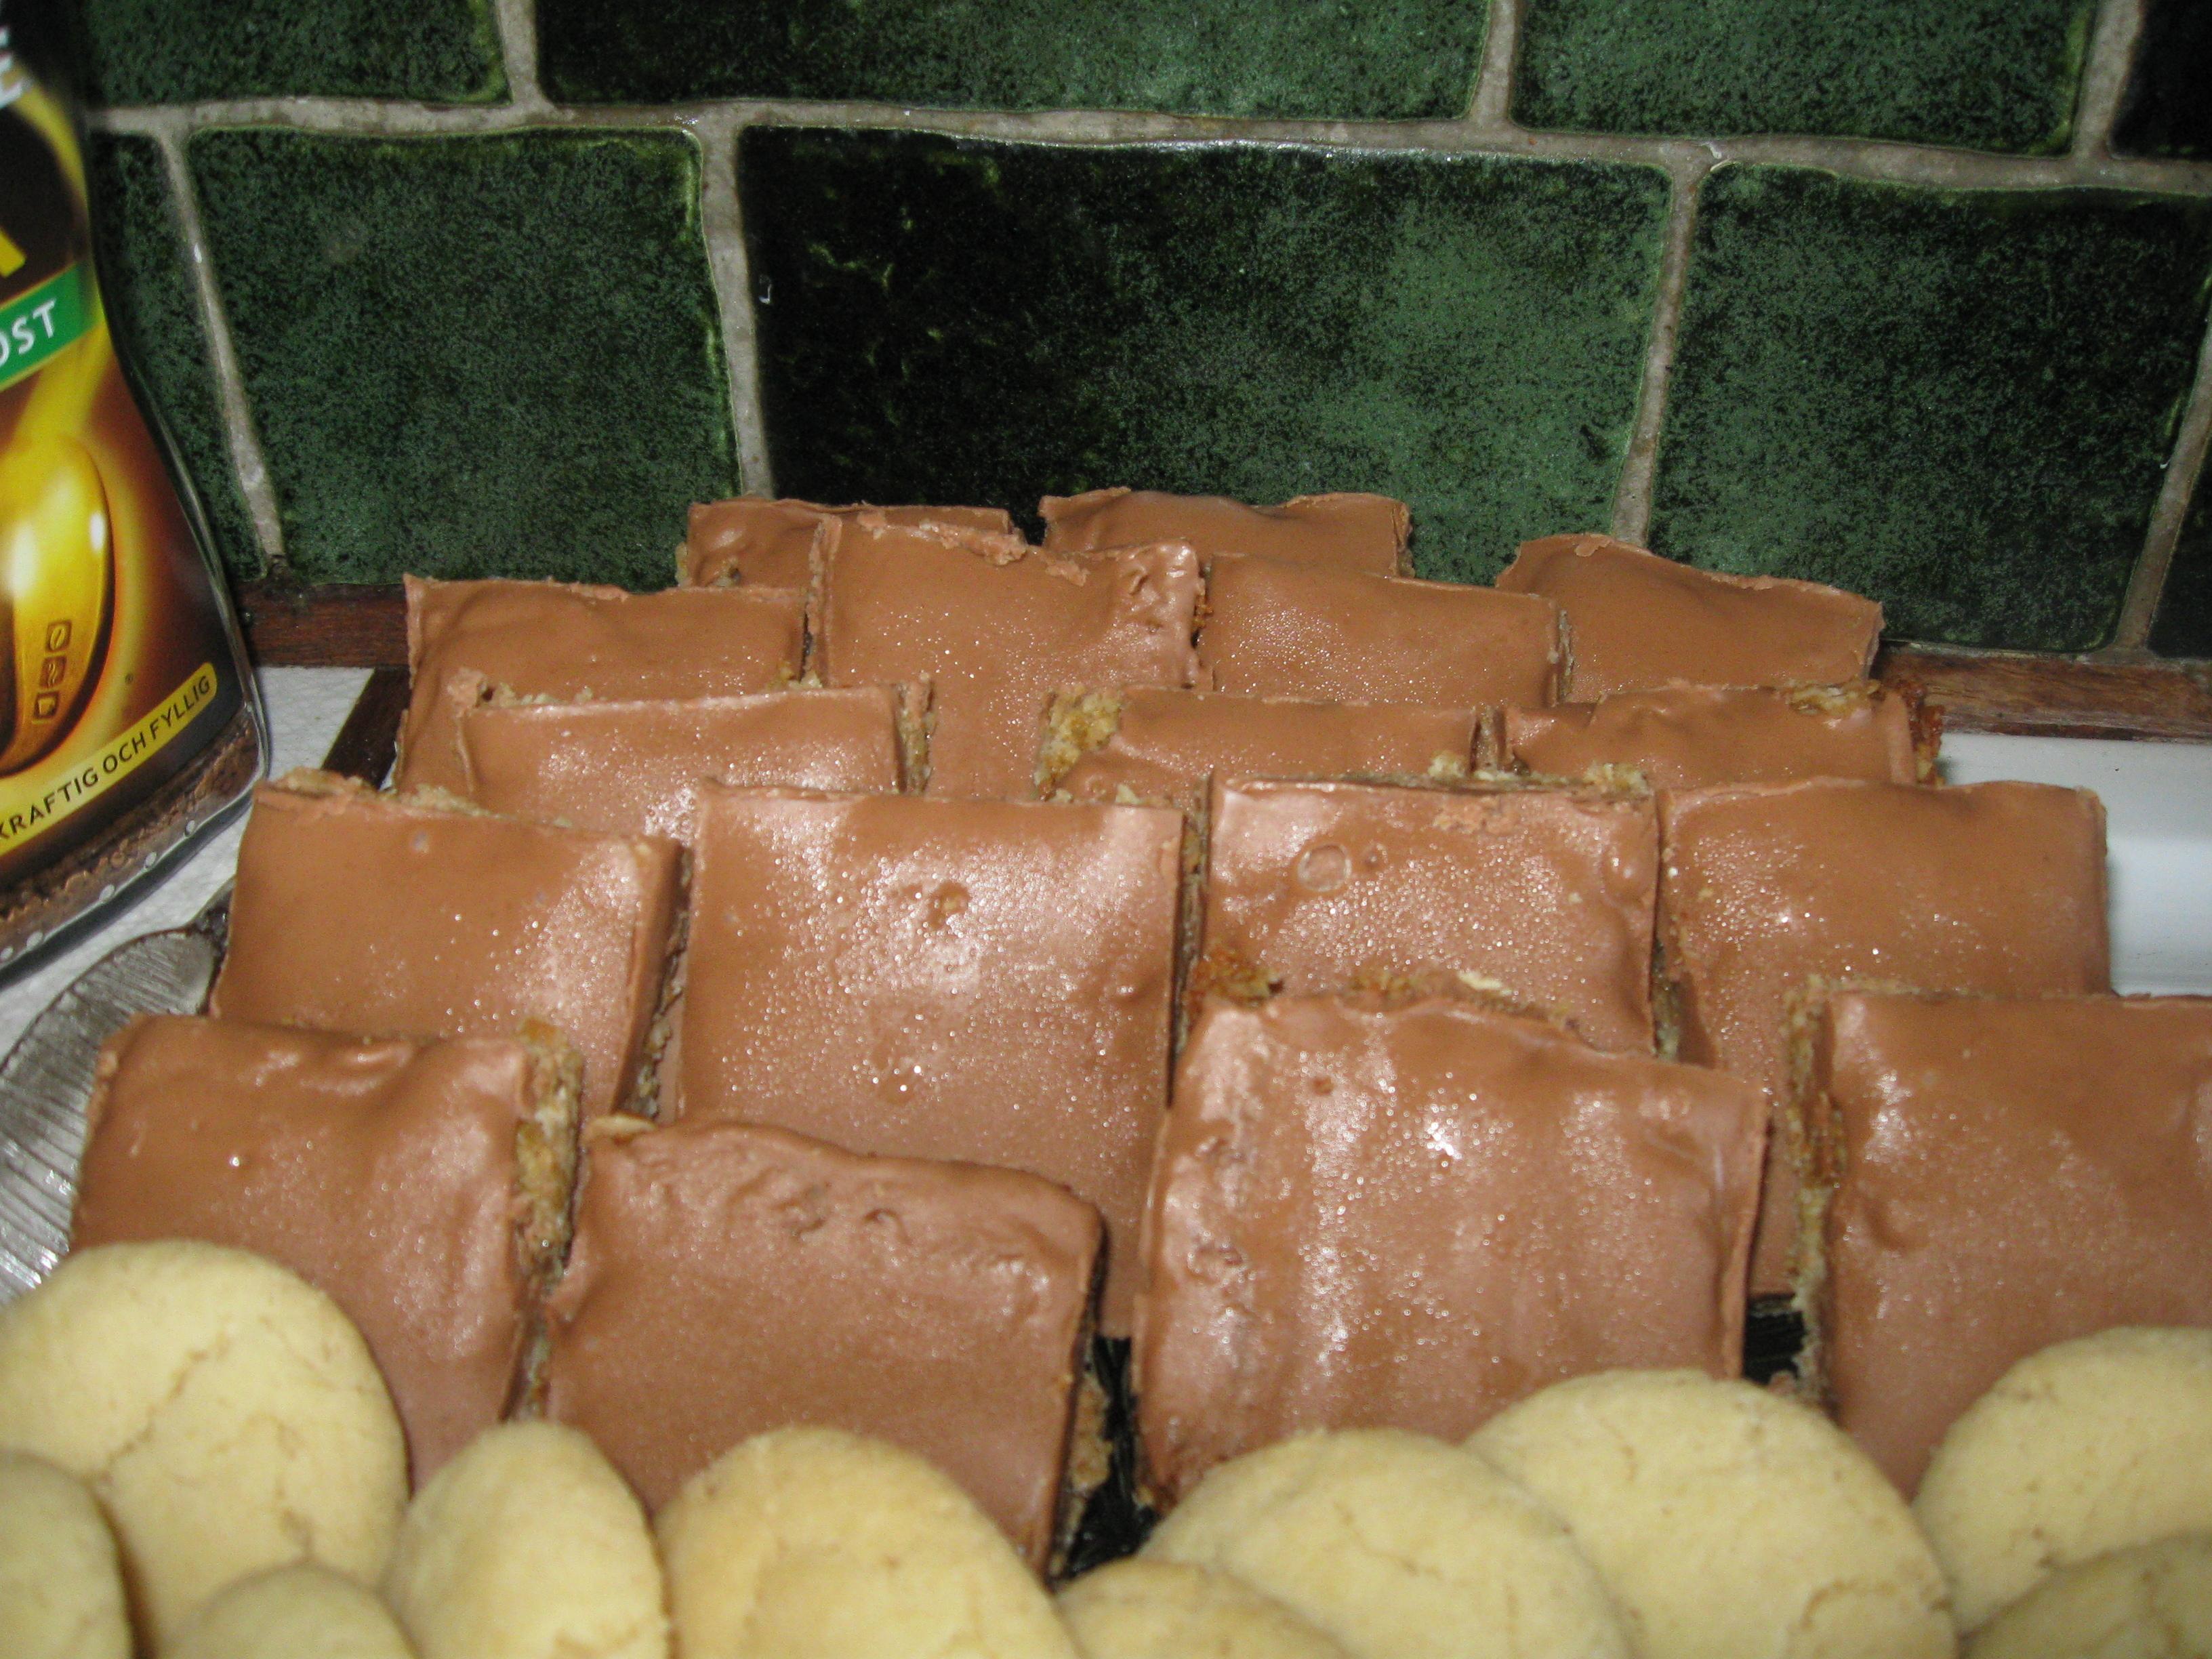 ischoklad nougat utan kokosfett